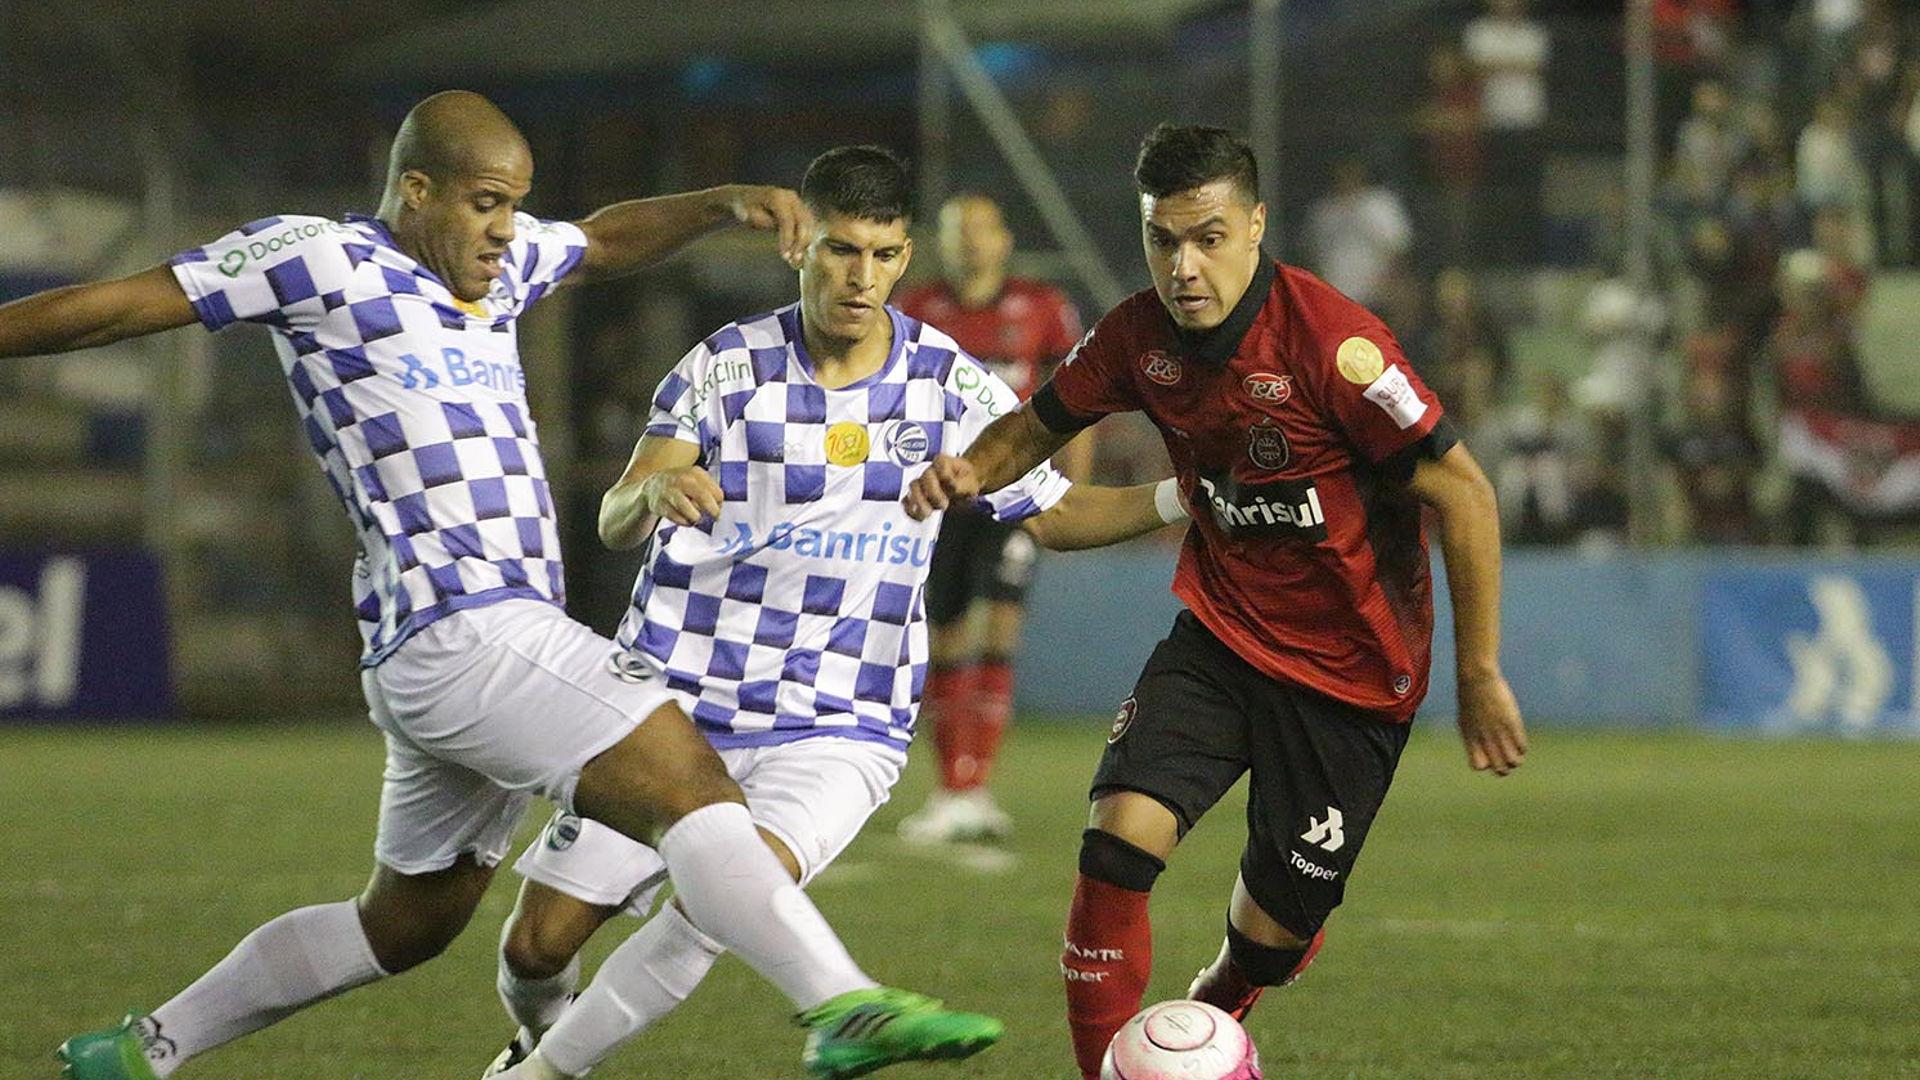 Grêmio e Brasil de Pelotas abrem a grande decisão do Campeonato Gaúcho